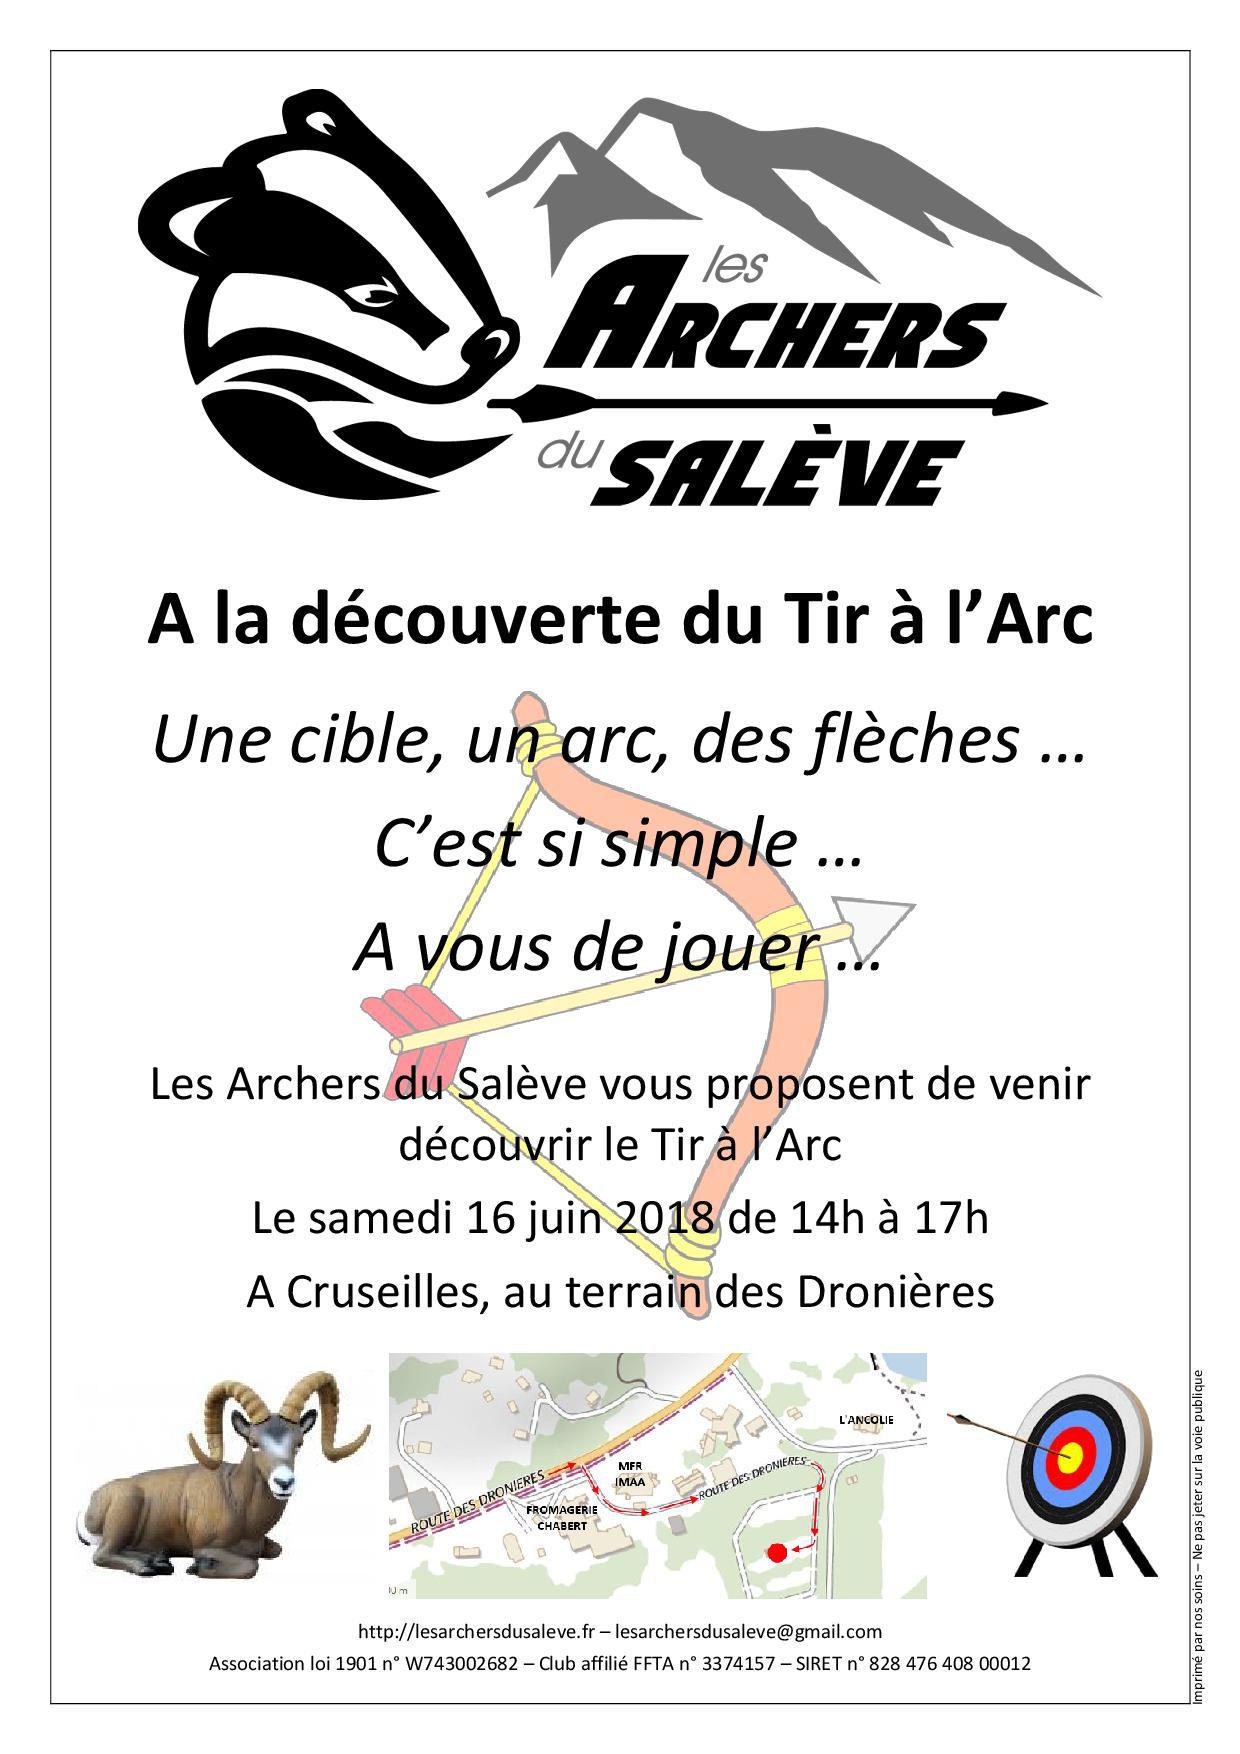 Les Archers du Saleve - 16 juin 2018